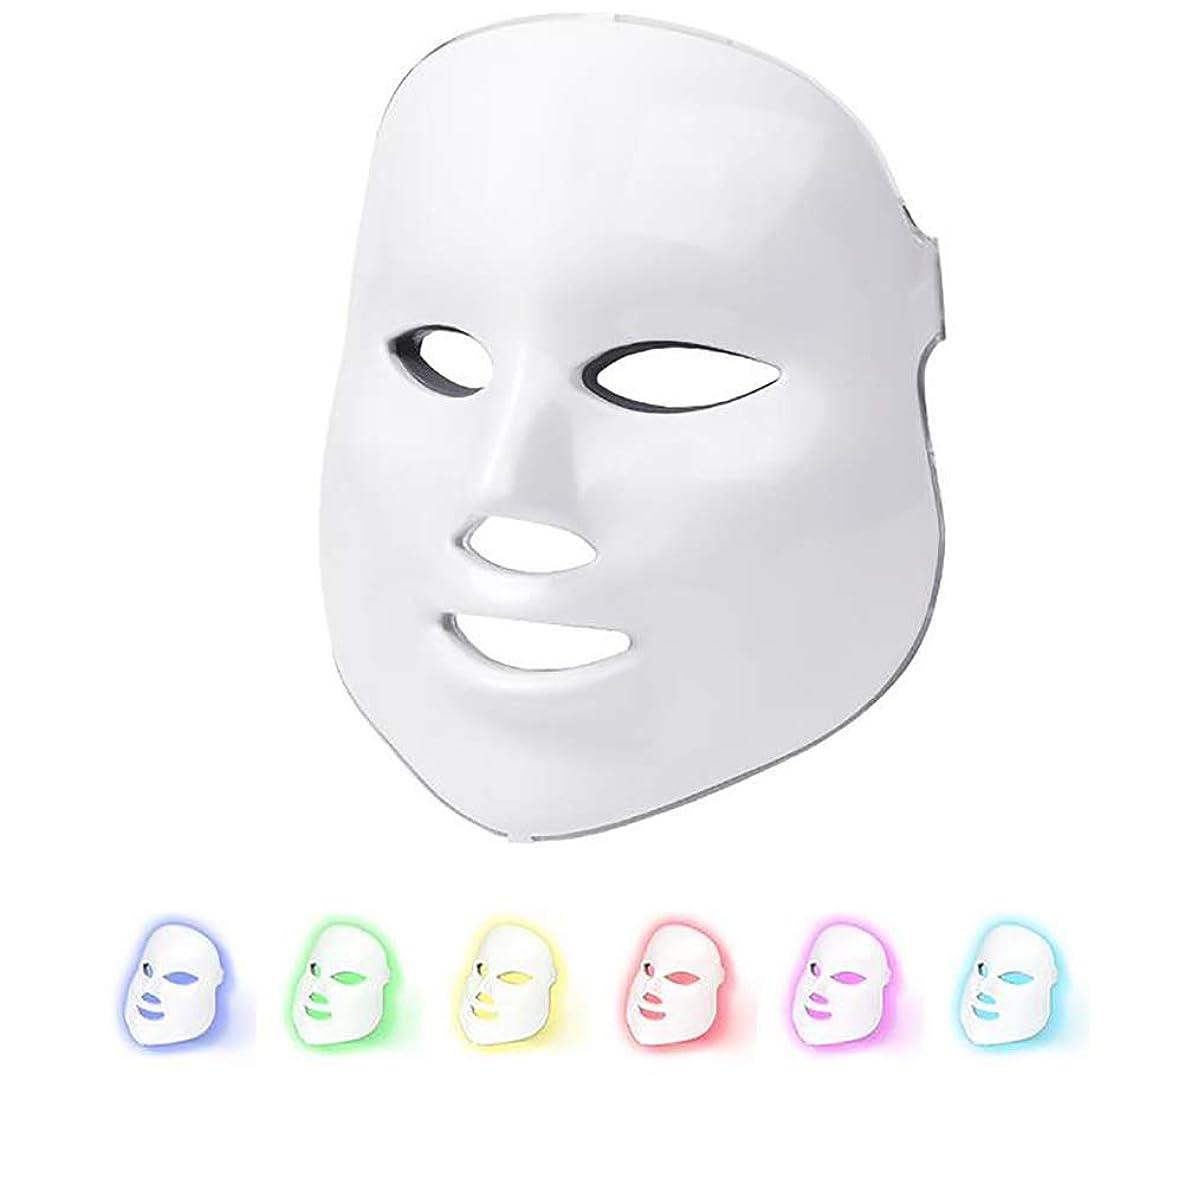 ラフ睡眠活気づく参照するライトセラピーマスク、7色LEDフェイスマスク、アンチエイジングファーミングスキン改善、健康な肌の若返り